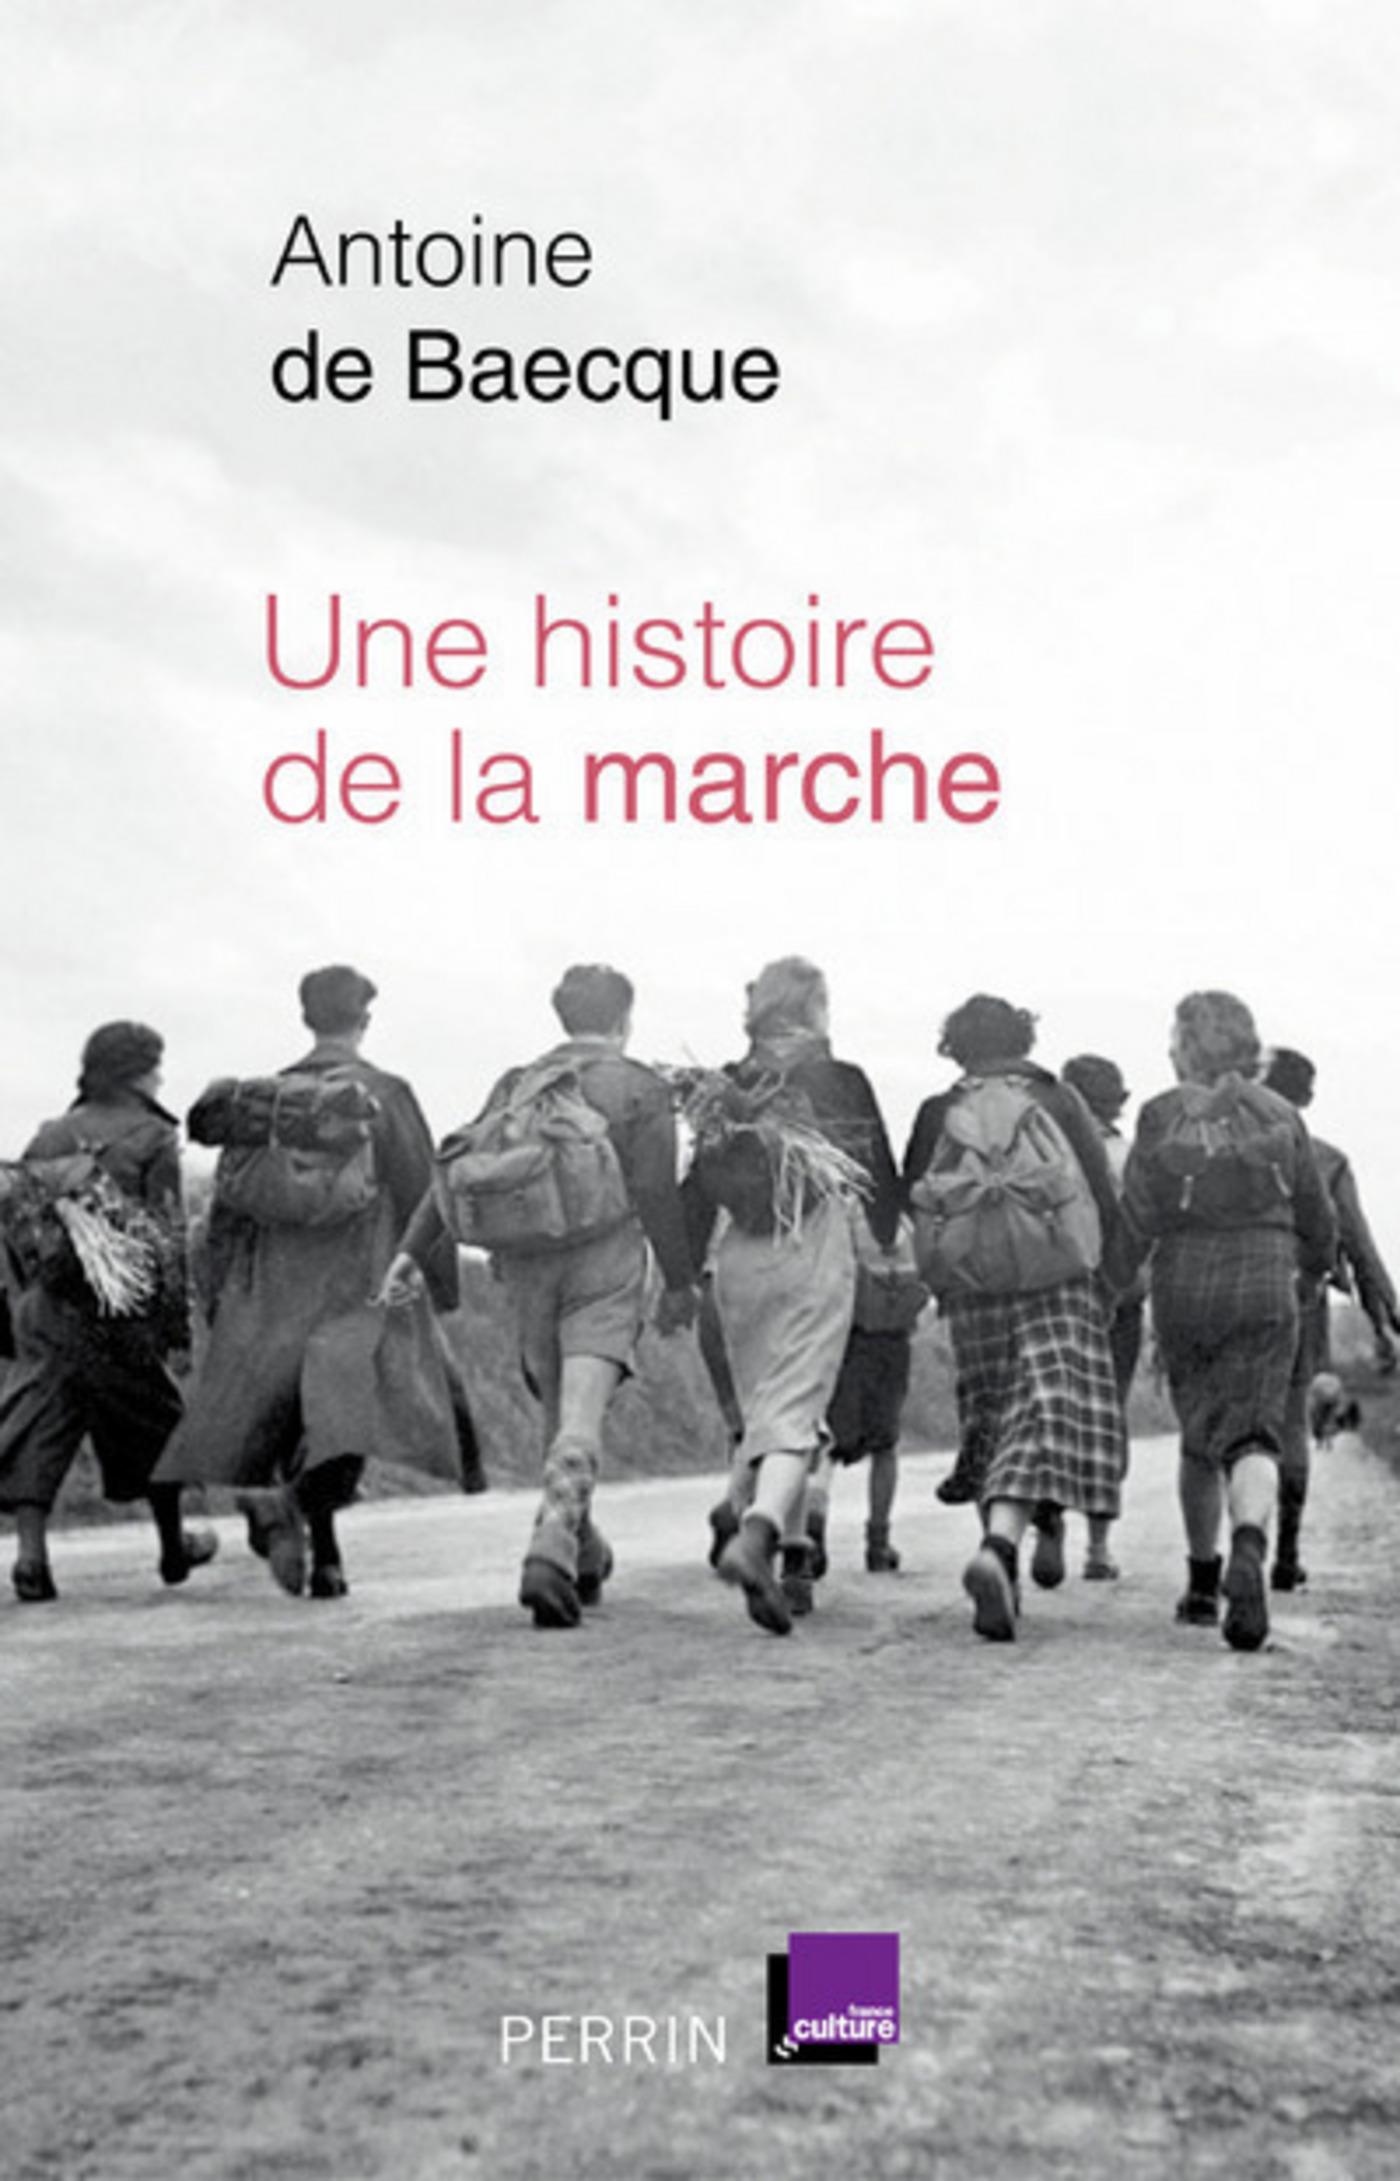 Une histoire de la marche